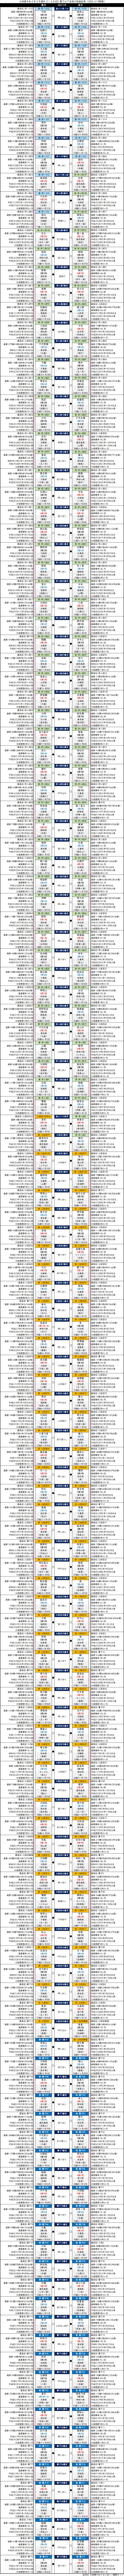 大相撲・2020年3月場所12日目・幕下以下の取組結果